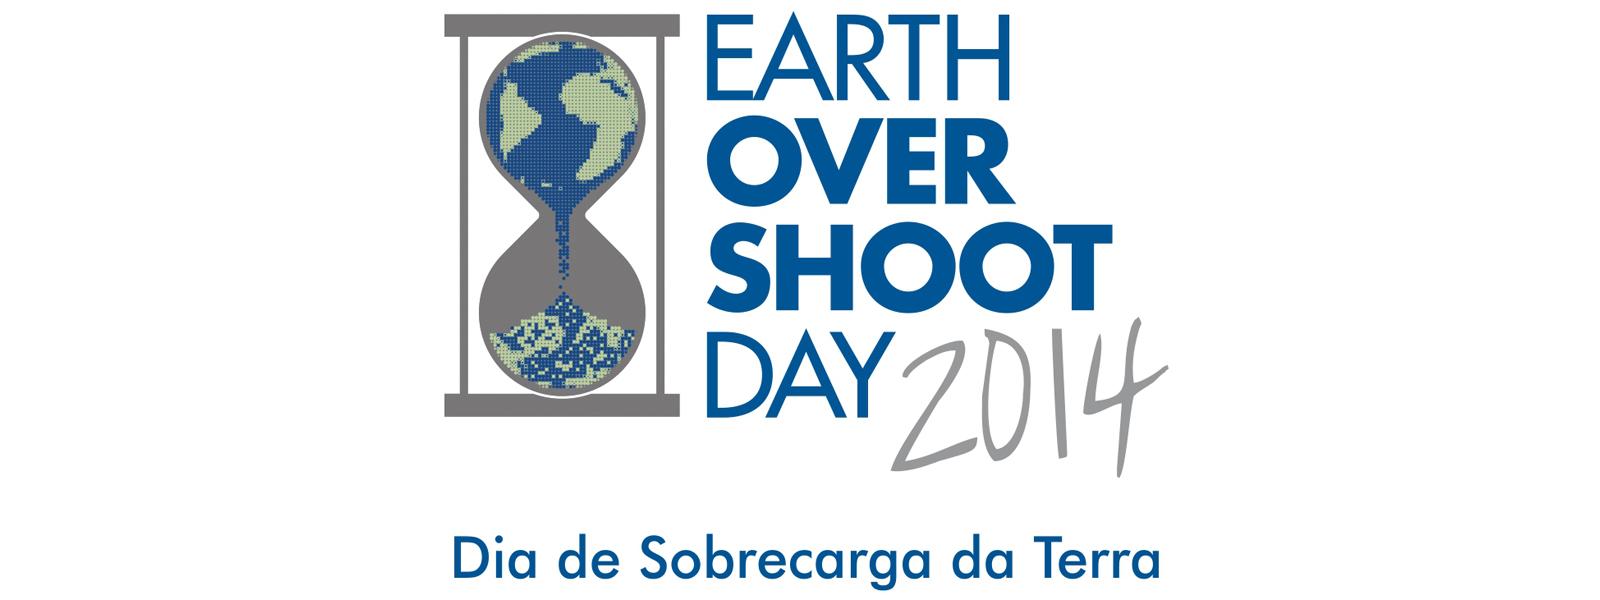 Dia da sobrecarga da Terra wwf